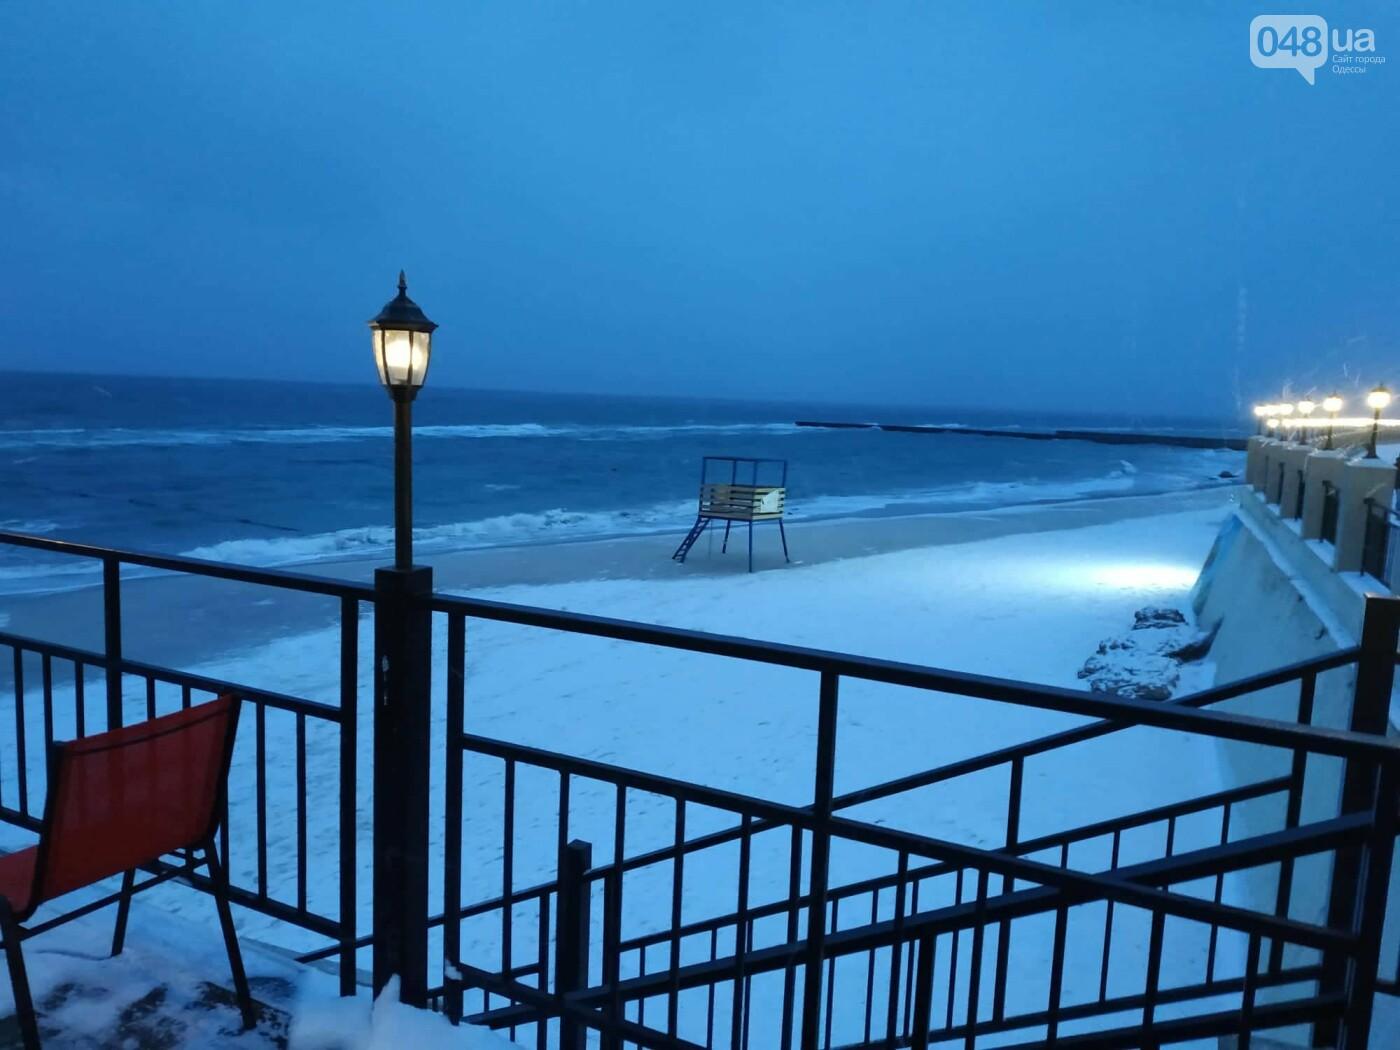 Заснеженные одесские пляжи вечером: вот где стоит прогуляться, - ФОТО, фото-34